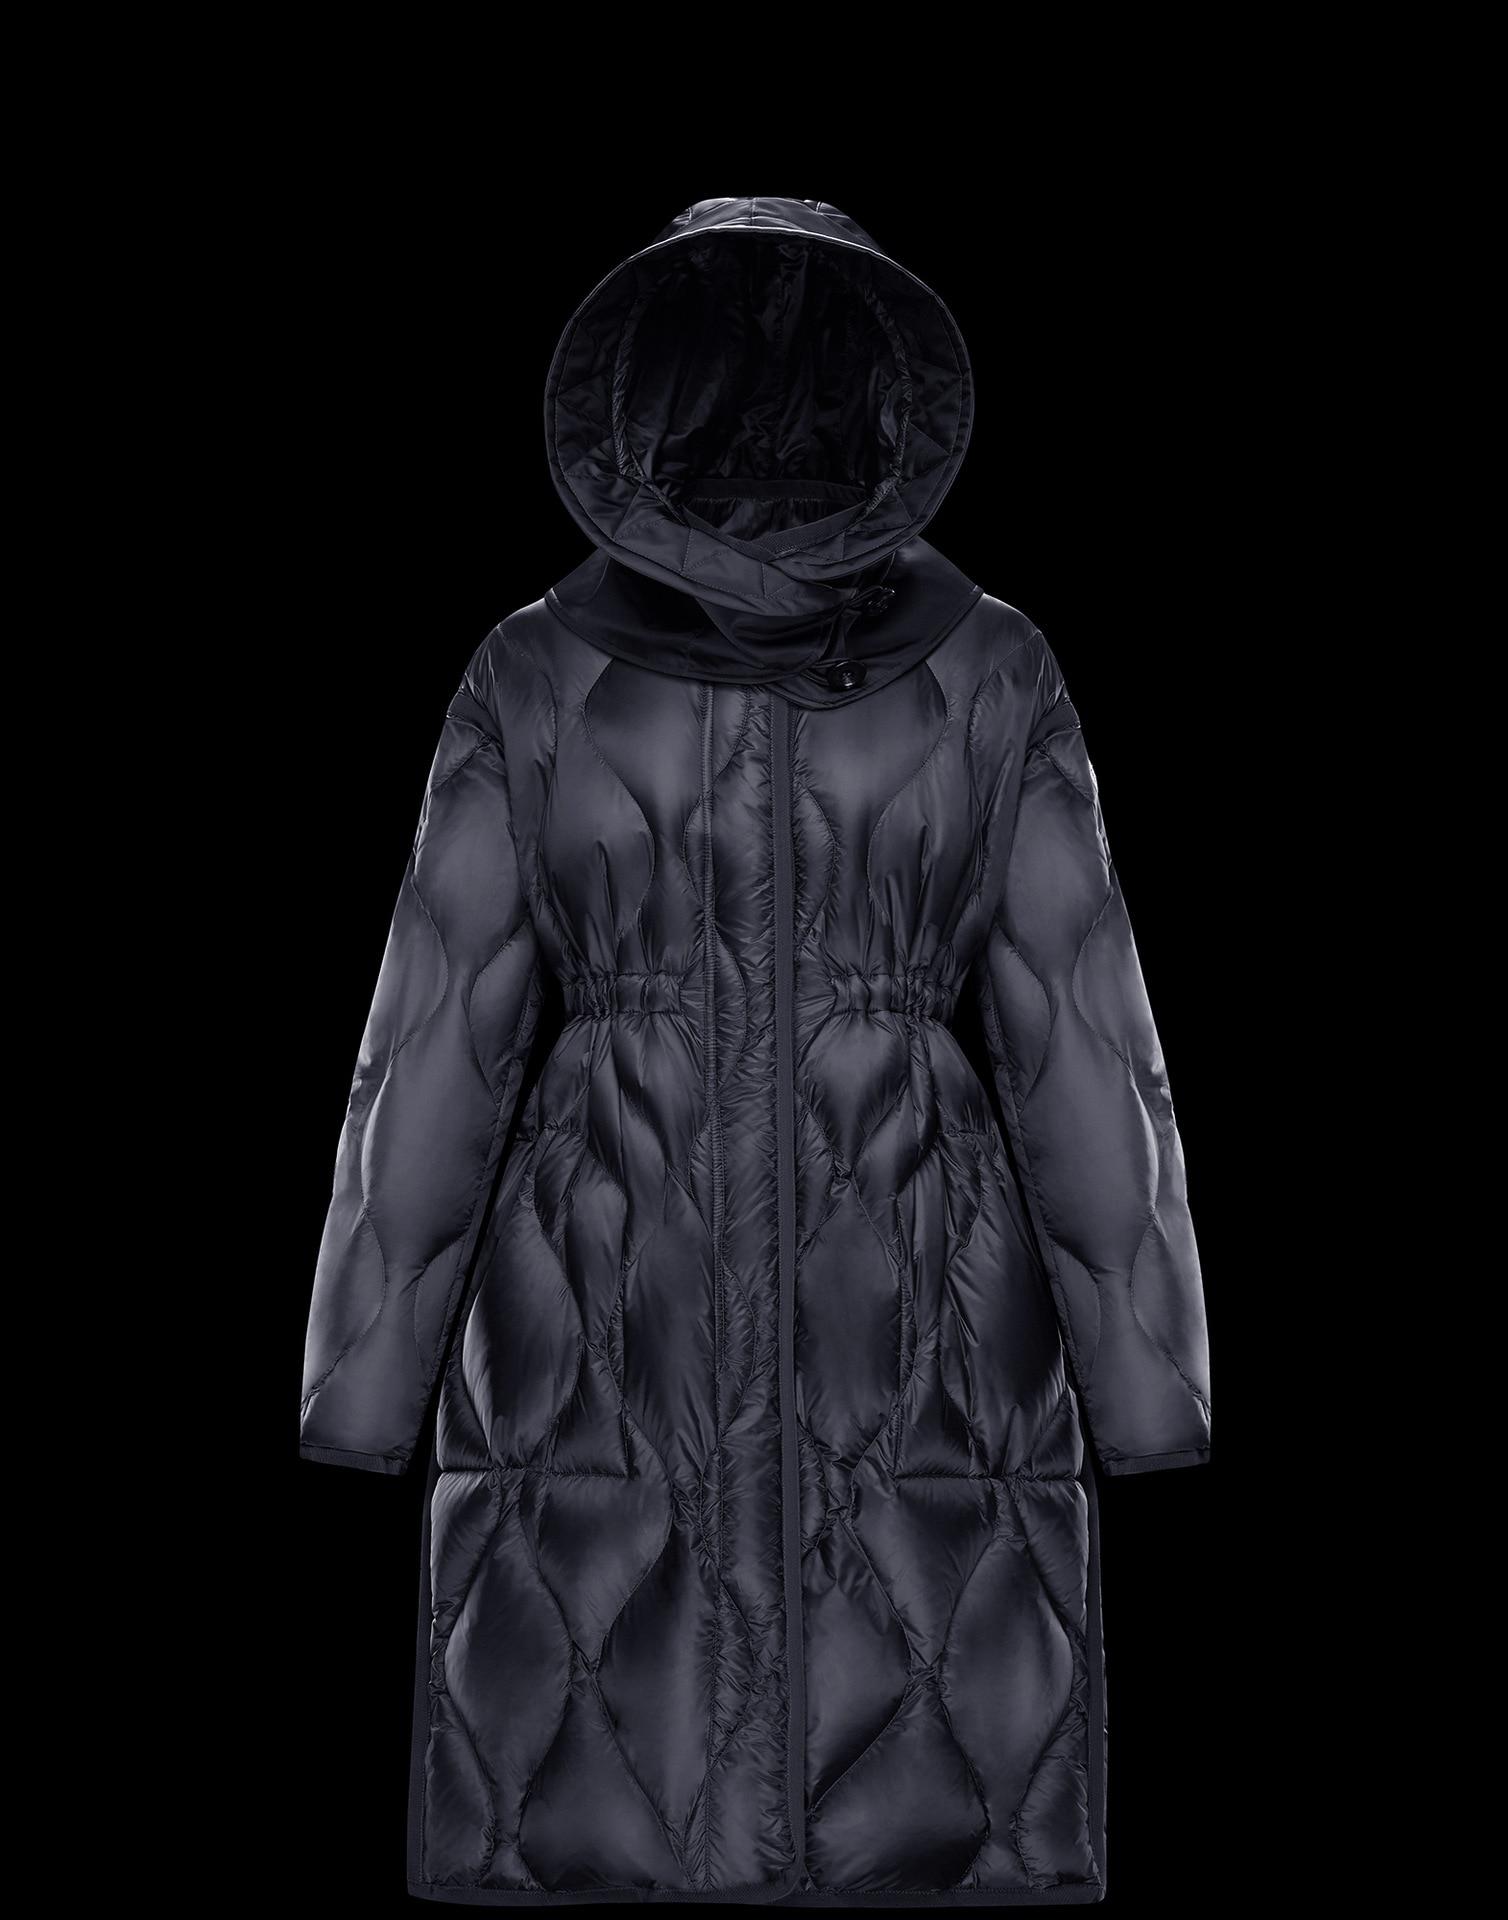 Nouveau Marque Femme De Doudoune Haut Mode Longue Gamme Usine PUgUIqr 7e7d2e593948